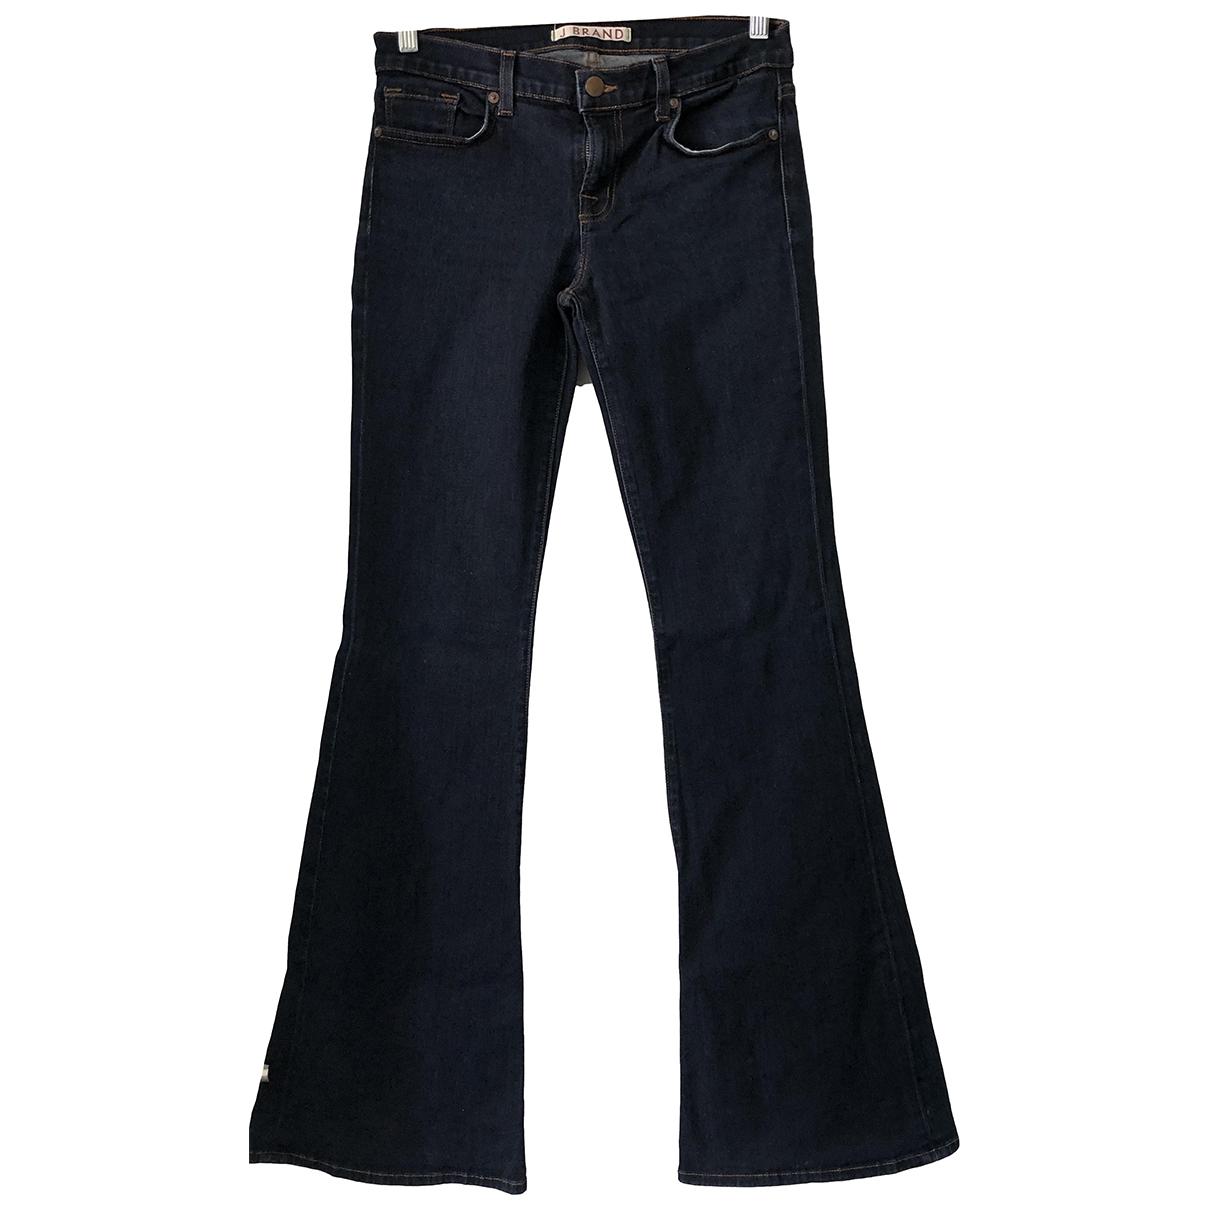 J Brand \N Jeans in  Blau Baumwolle - Elasthan